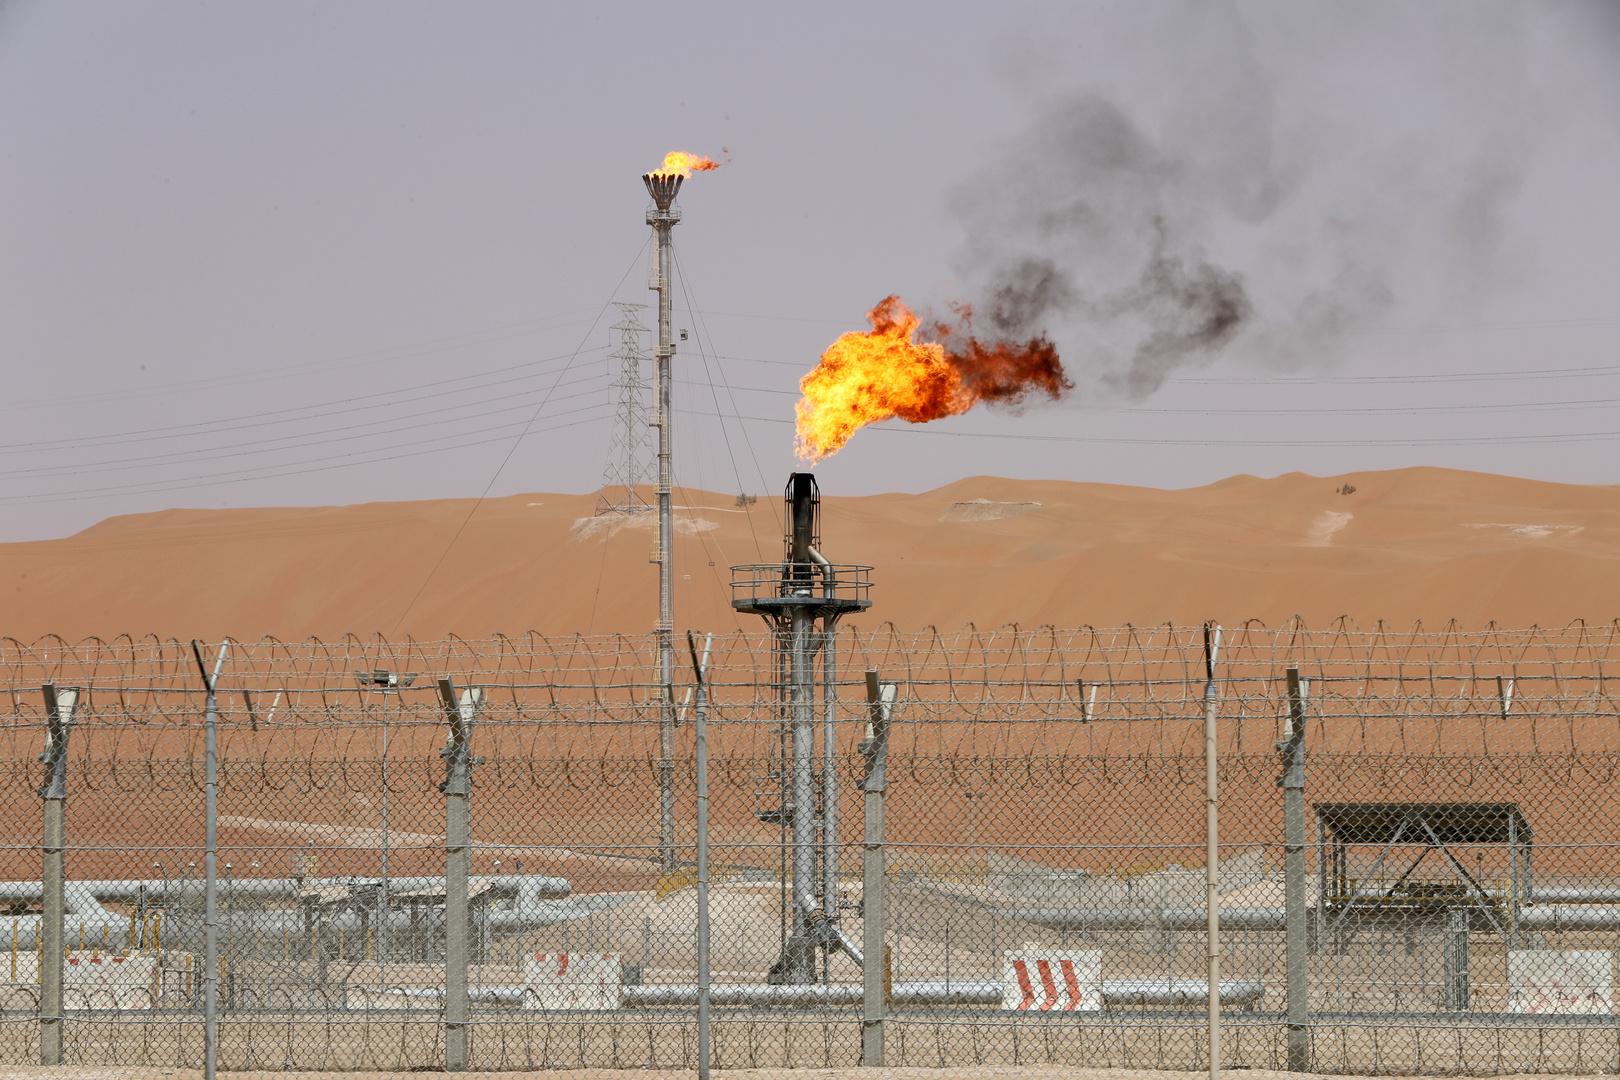 السعودية ترفع أسعار الخام لآسيا في فبراير